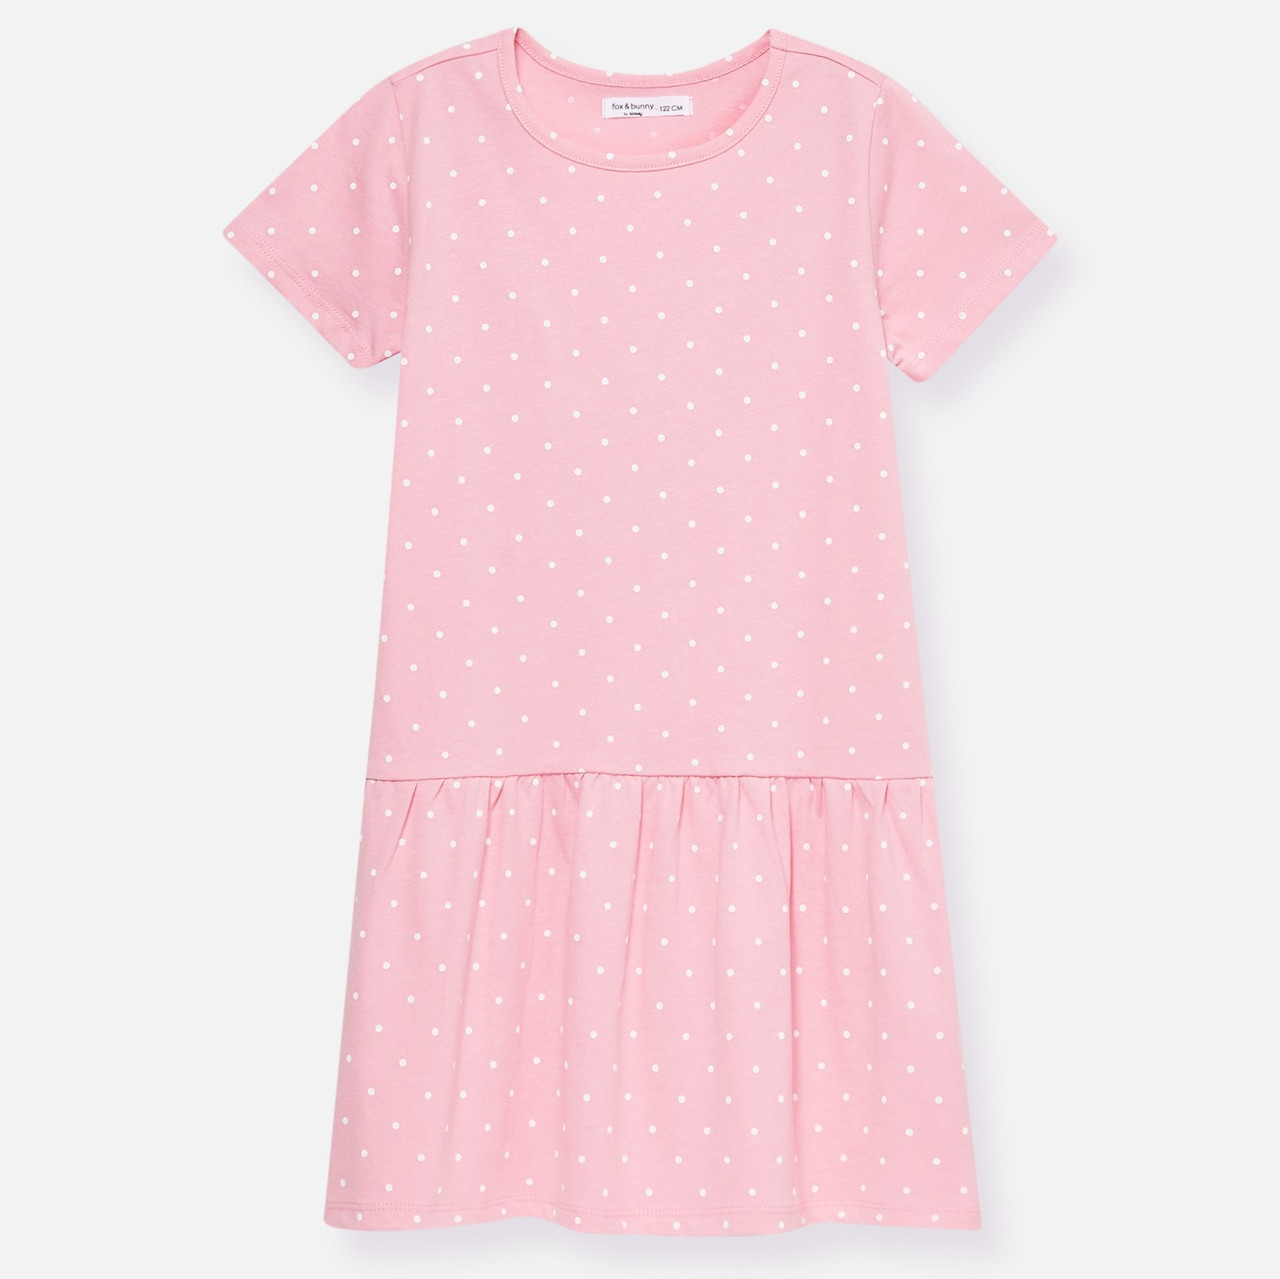 Платье для девочки Sinsay, 128 (7-8л)